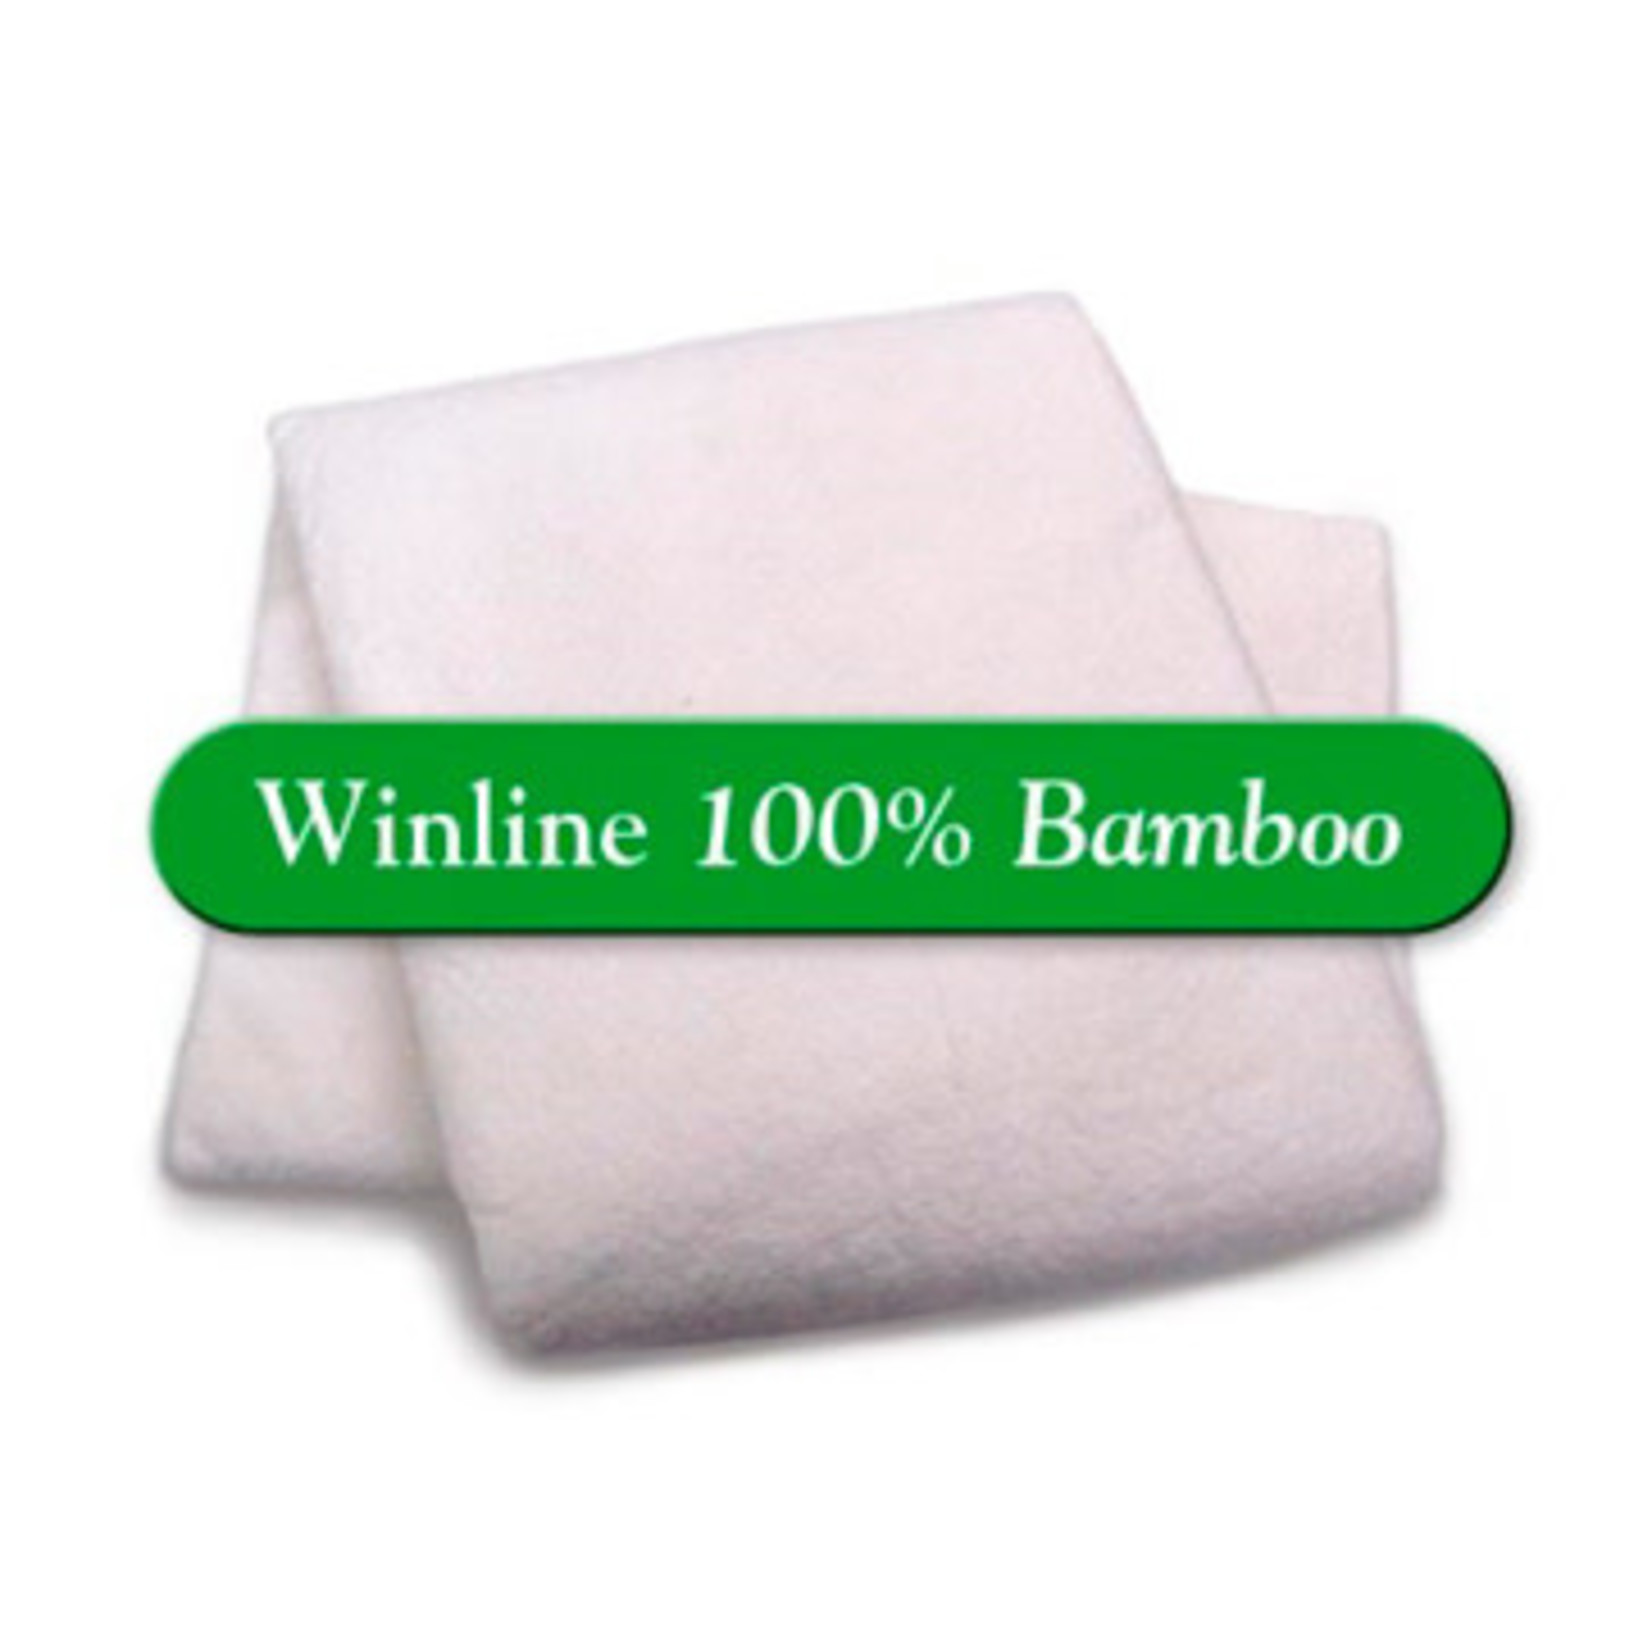 Winline Bamboe - 6 oz 100% Bamboo - Van de rol (per 10 cm) 240 cm breed